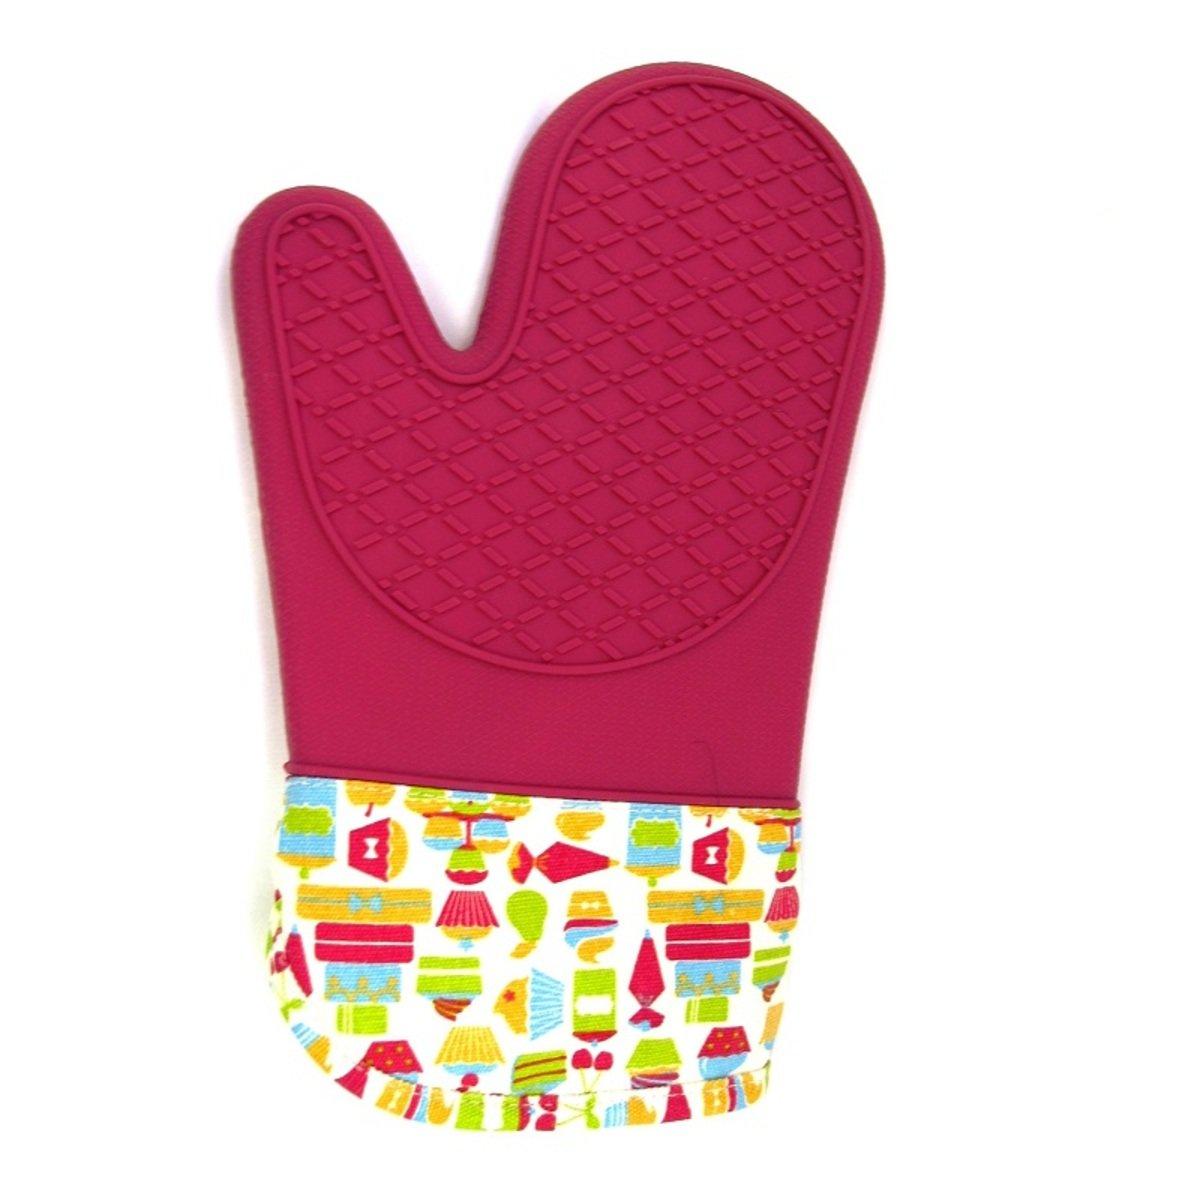 GK 耐高溫手套 (對裝)-紅色硅膠+布手袖 - 小蛋糕圖案